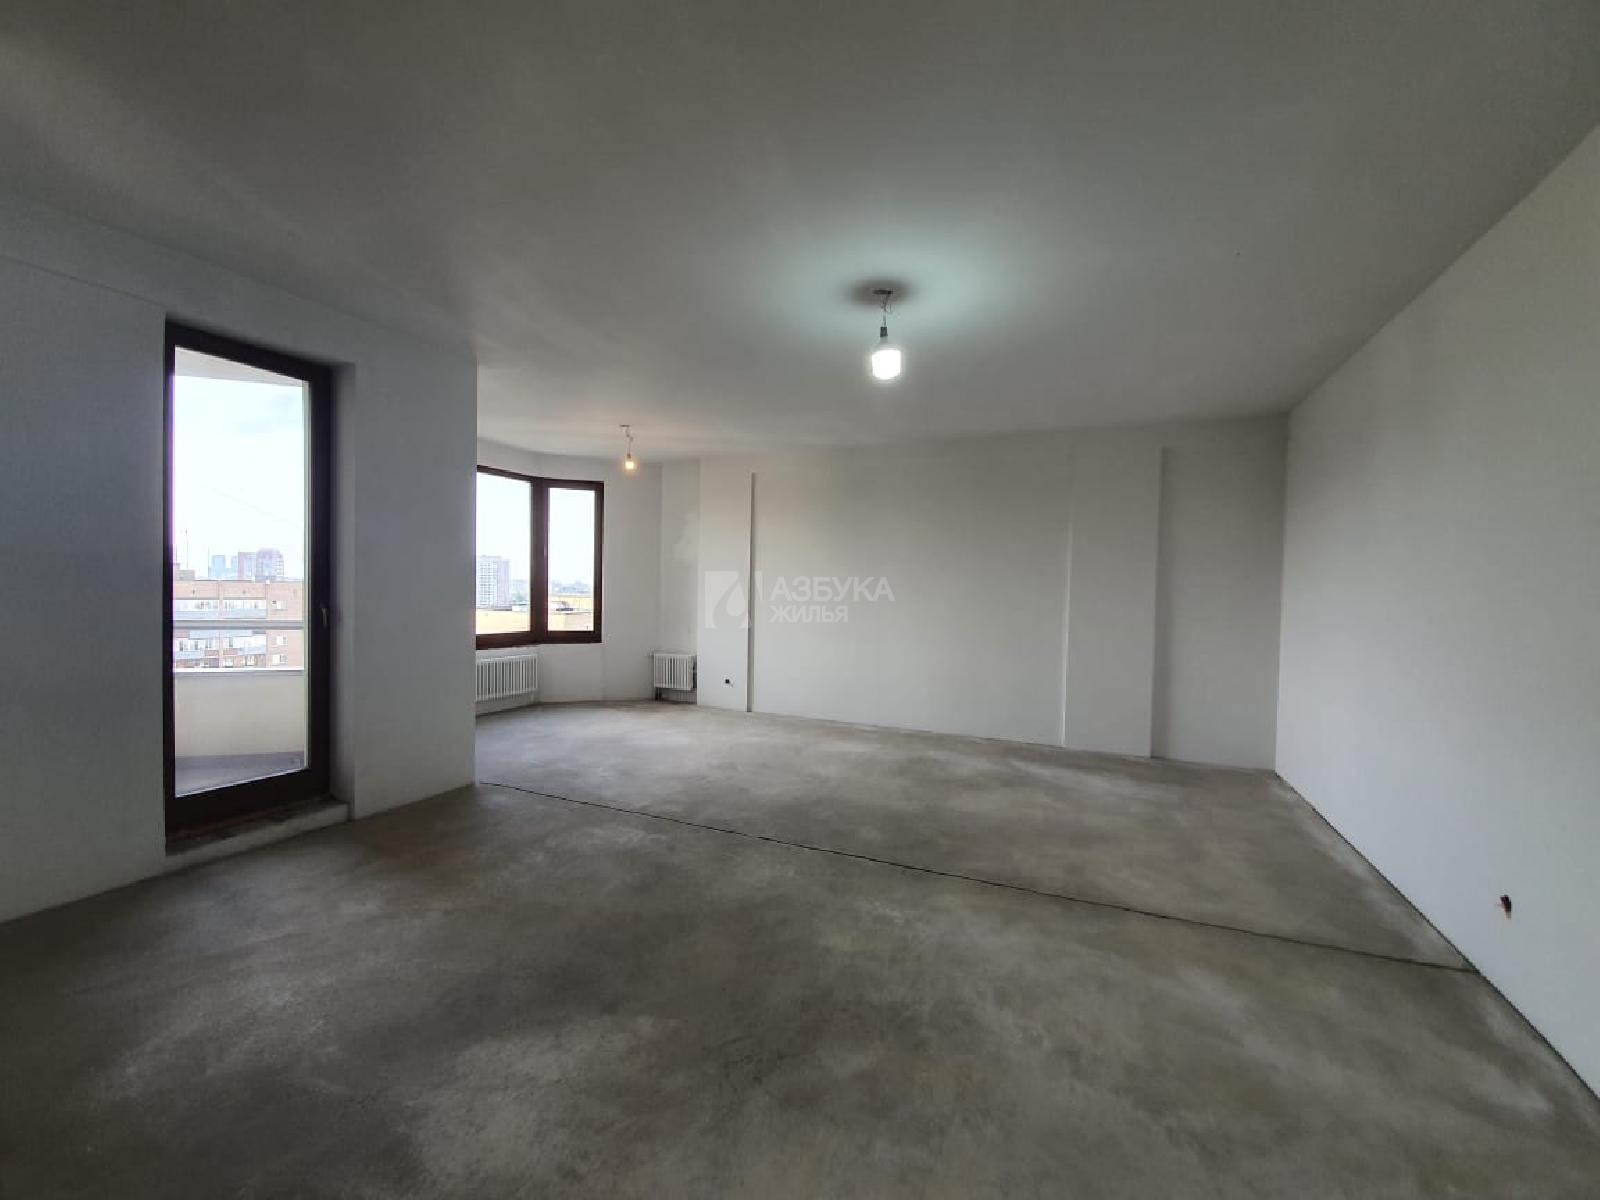 Фото №3 - 6-комнатная квартира, Москва, Архитектора Власова улица 6, метро Профсоюзная